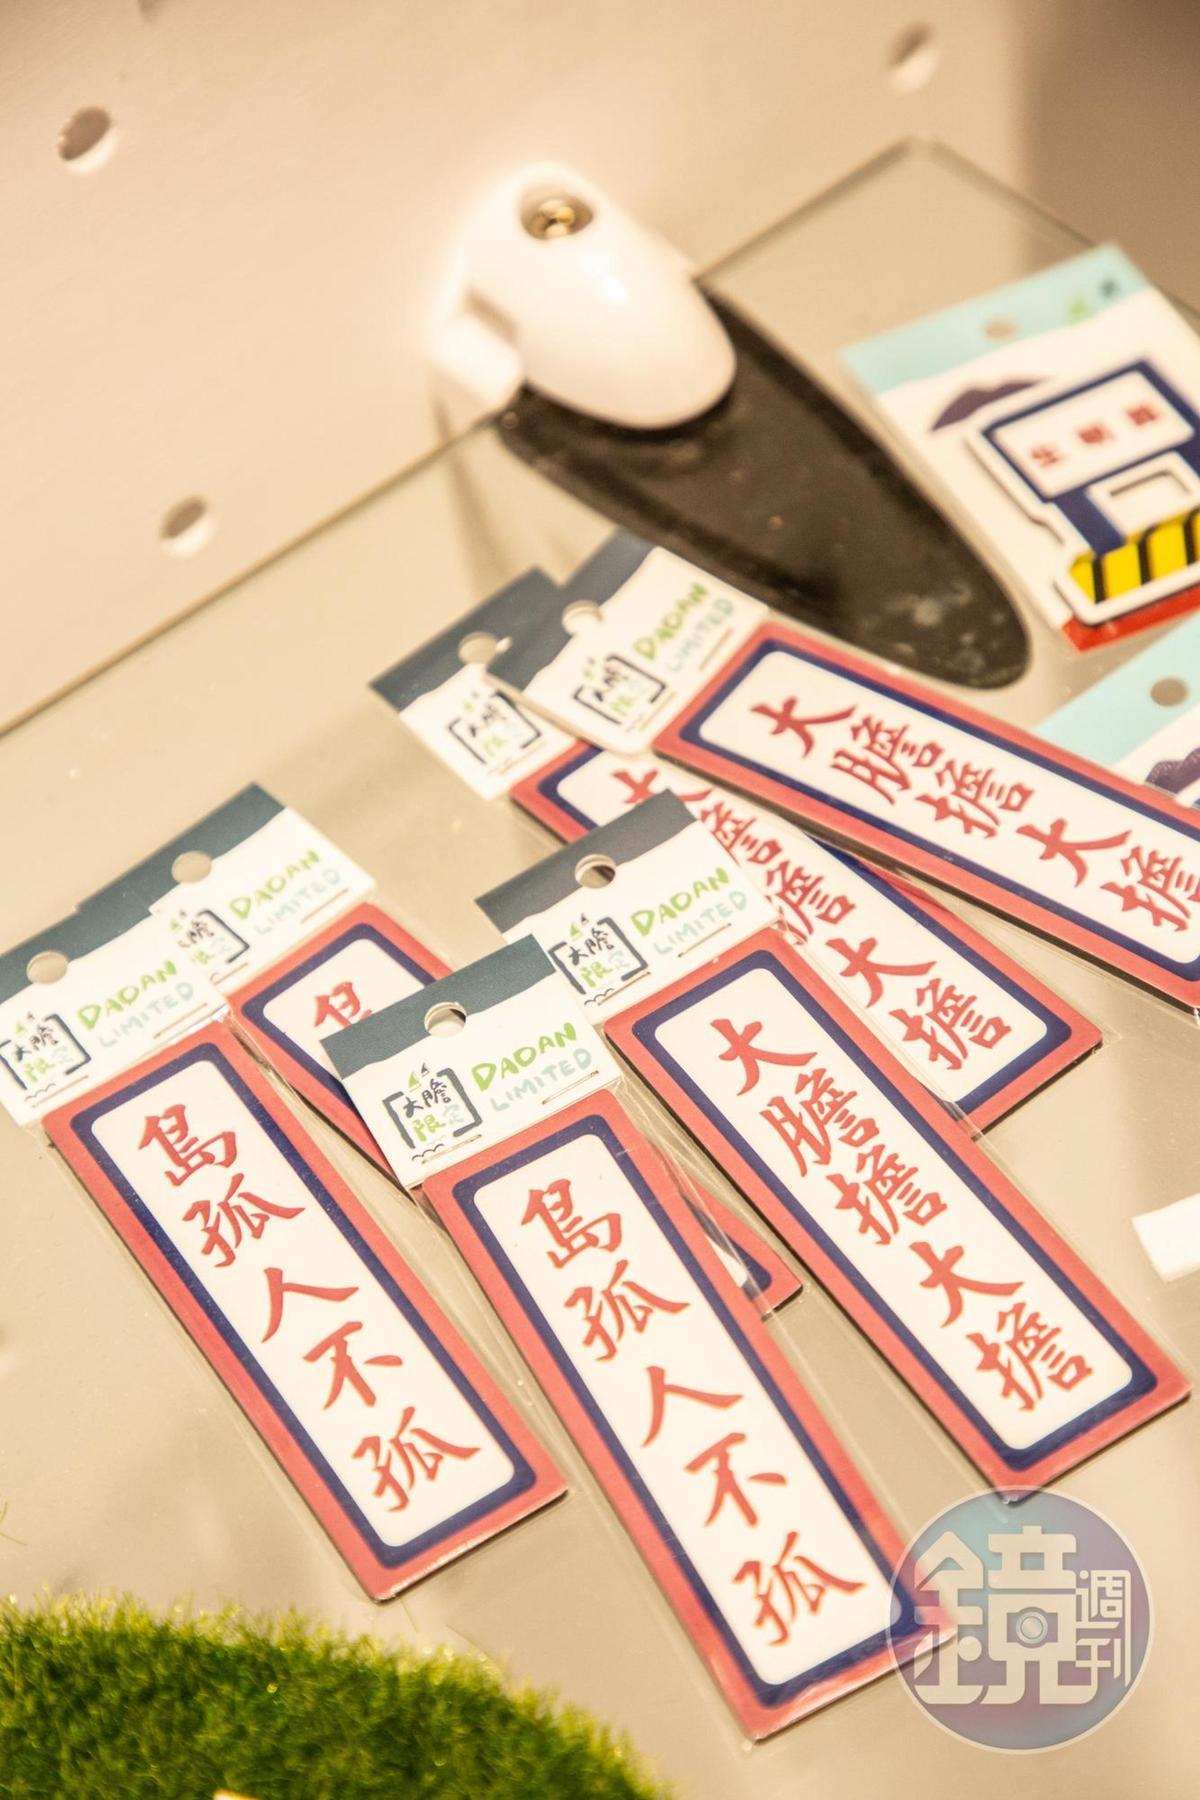 以故總統蔣經國親題的精神標語做成的磁鐵。